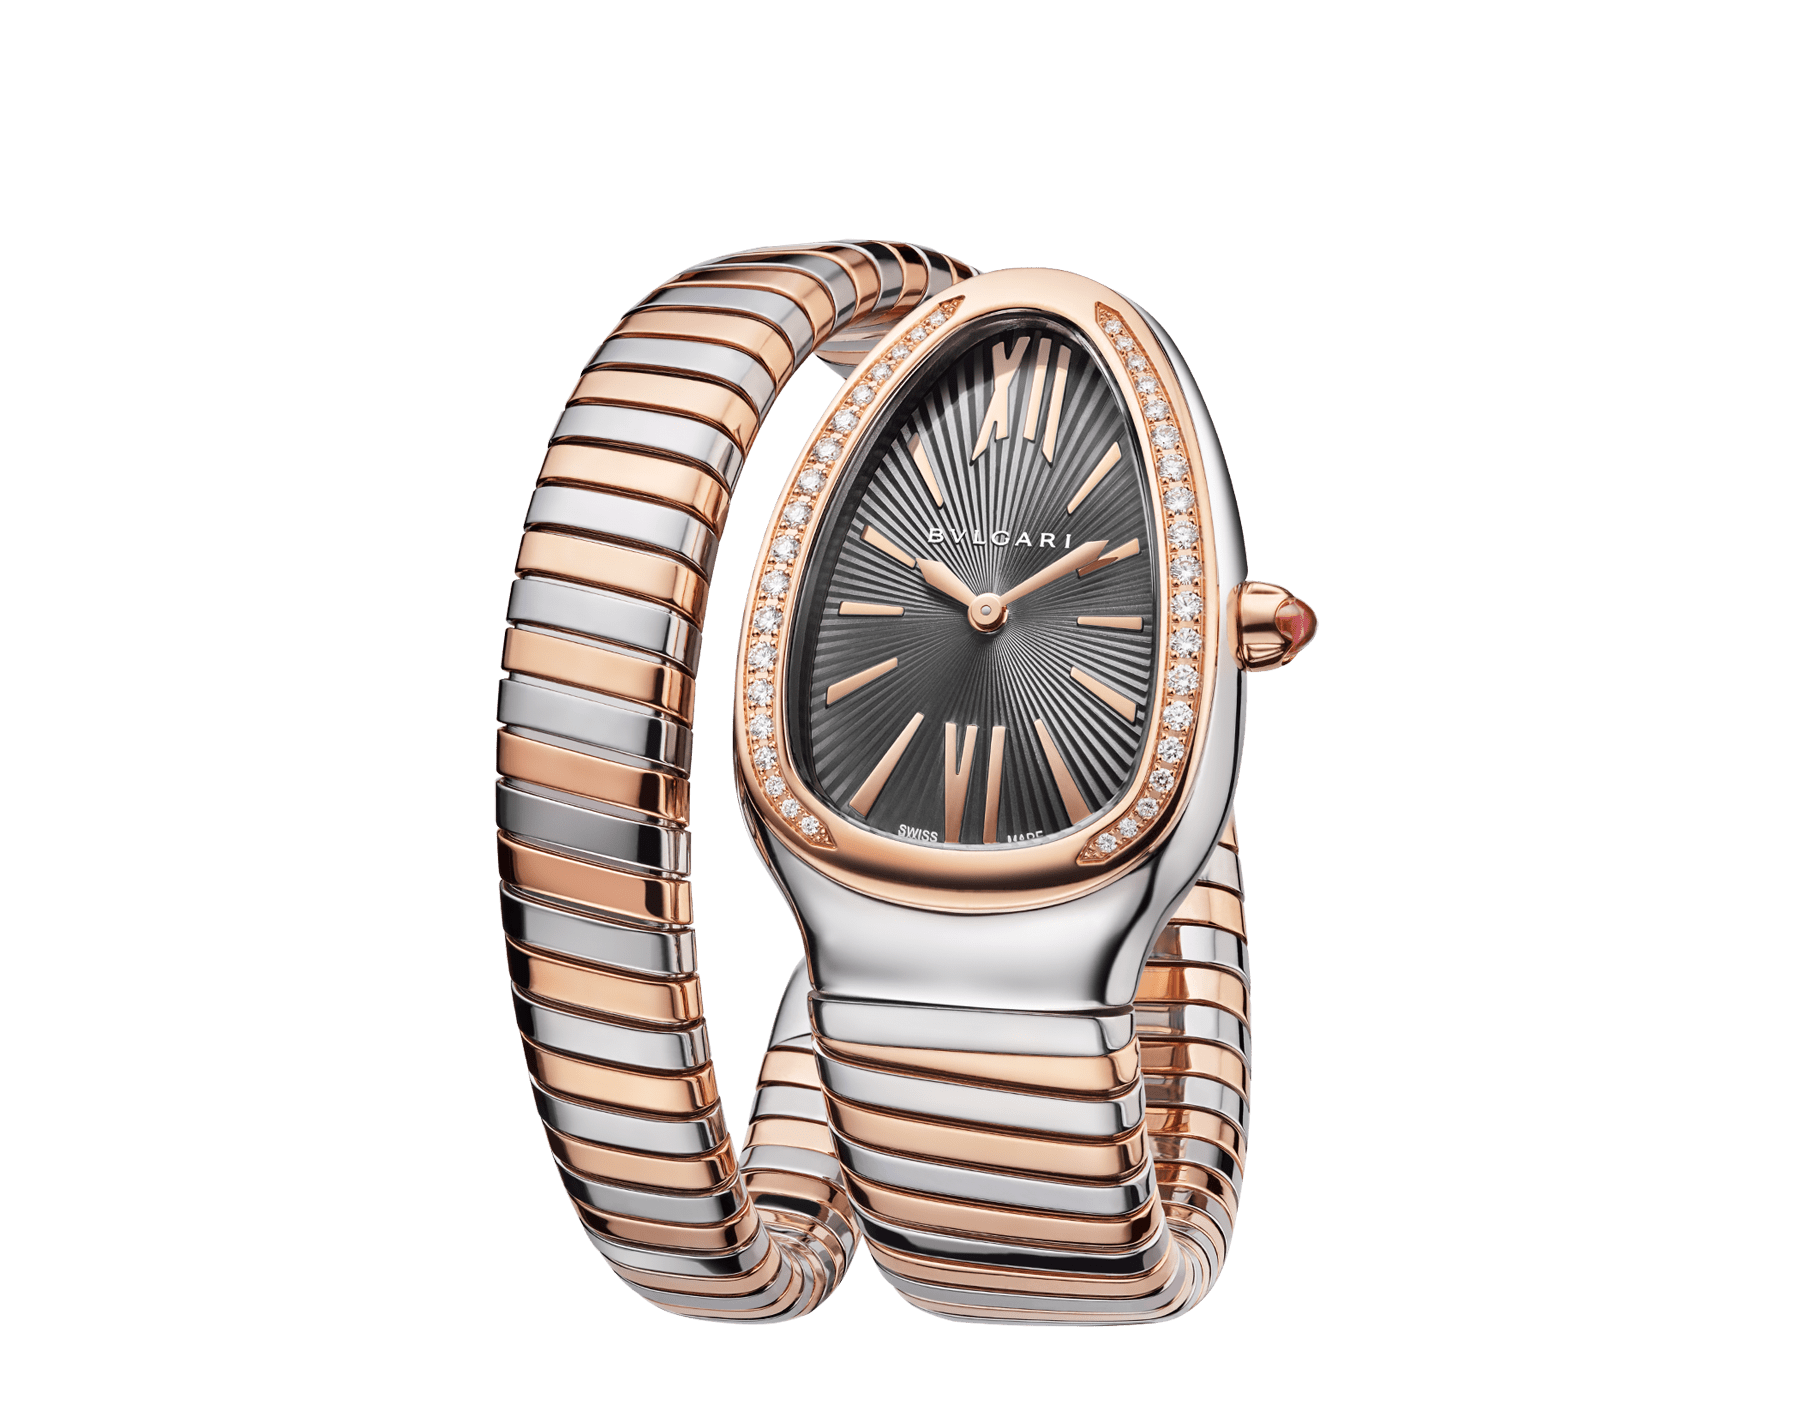 Serpenti Tubogas Uhr mit einfach geschwungenem Armband, Gehäuse aus Edelstahl, Lünette aus 18 Karat Roségold mit Diamanten im Brillantschliff, grau lackiertem Zifferblatt und Armband aus 18 Karat Roségold und Edelstahl. 102681 image 2